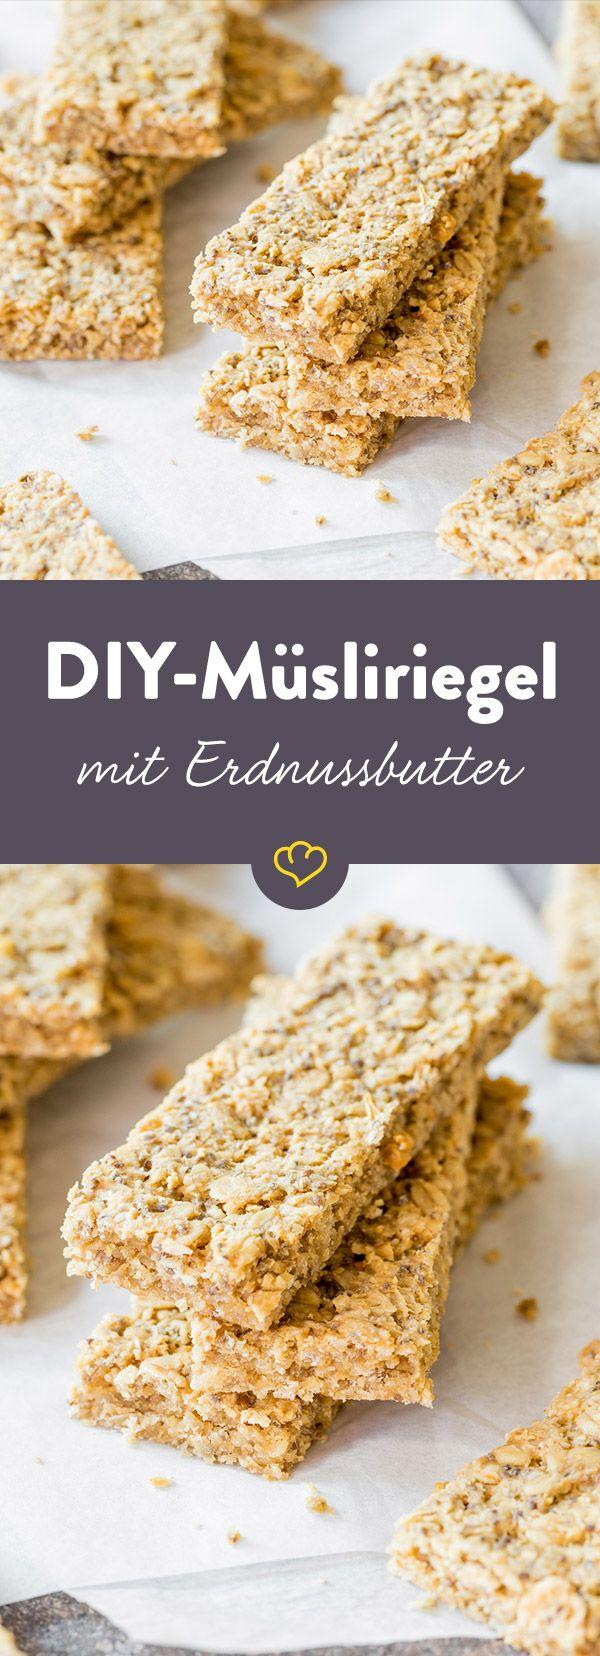 Neu Snack für zwischendurch: Chia-Erdnussbutter-Müsliriegel | Recipe  AI01